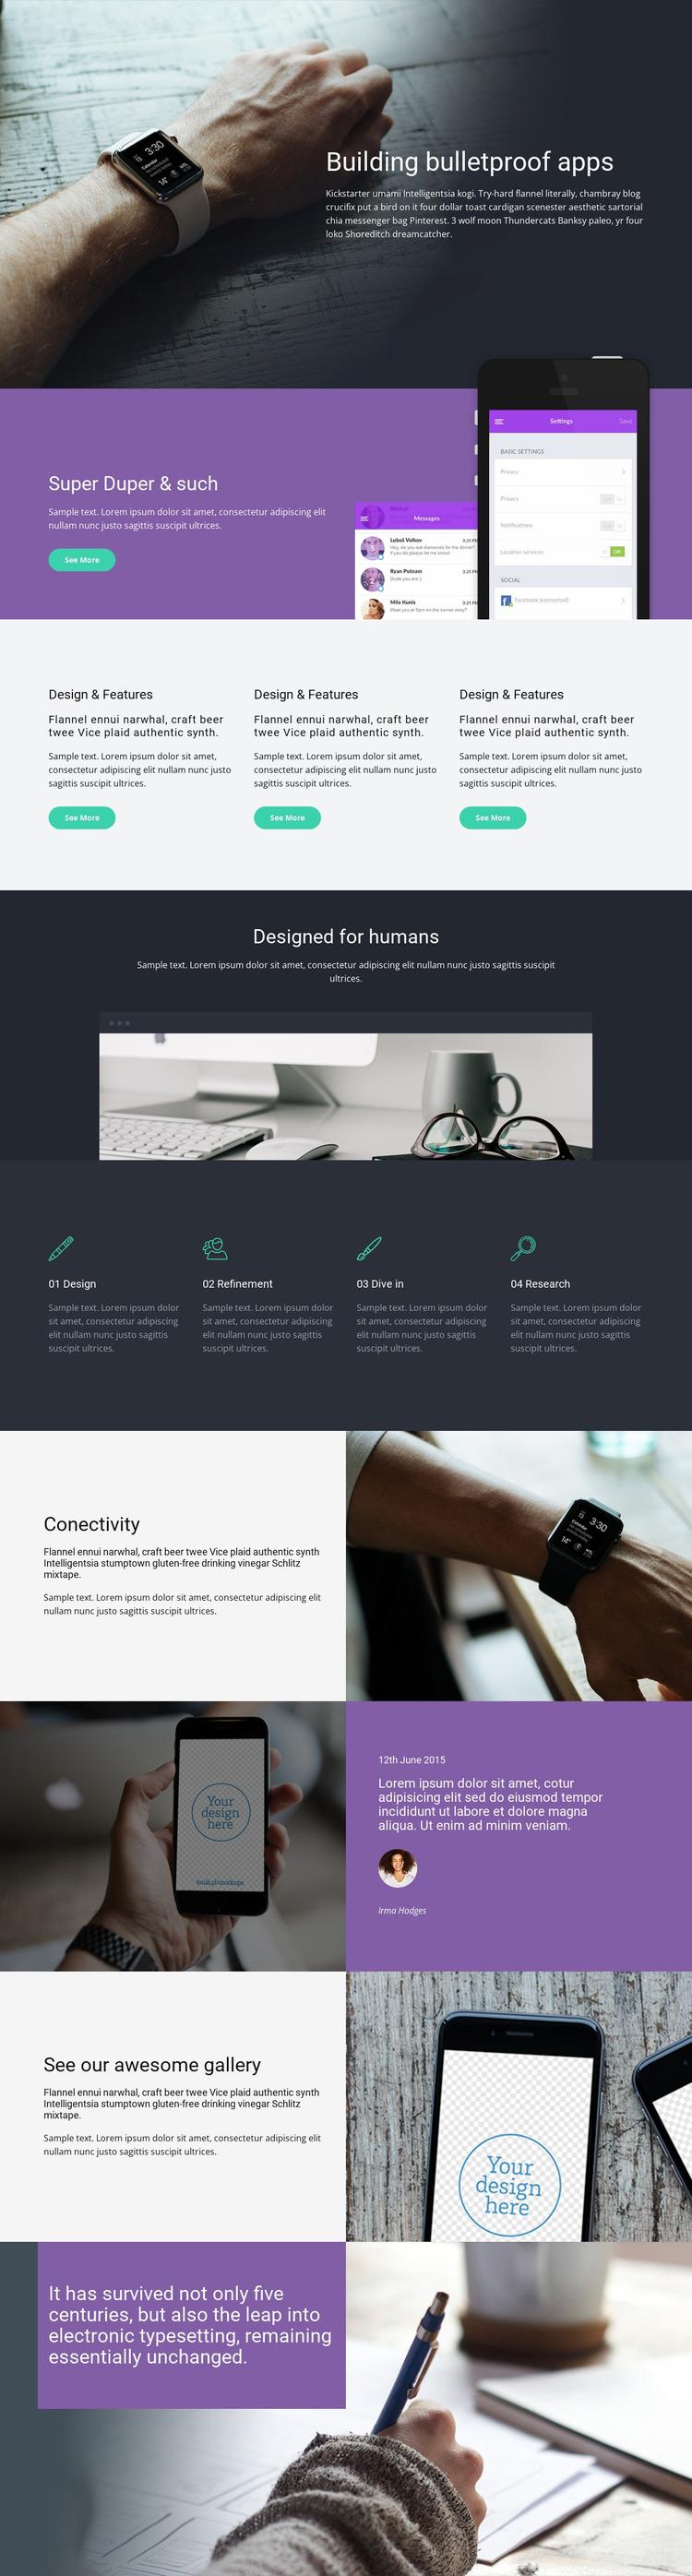 Bulletproof Apps WordPress Website Builder